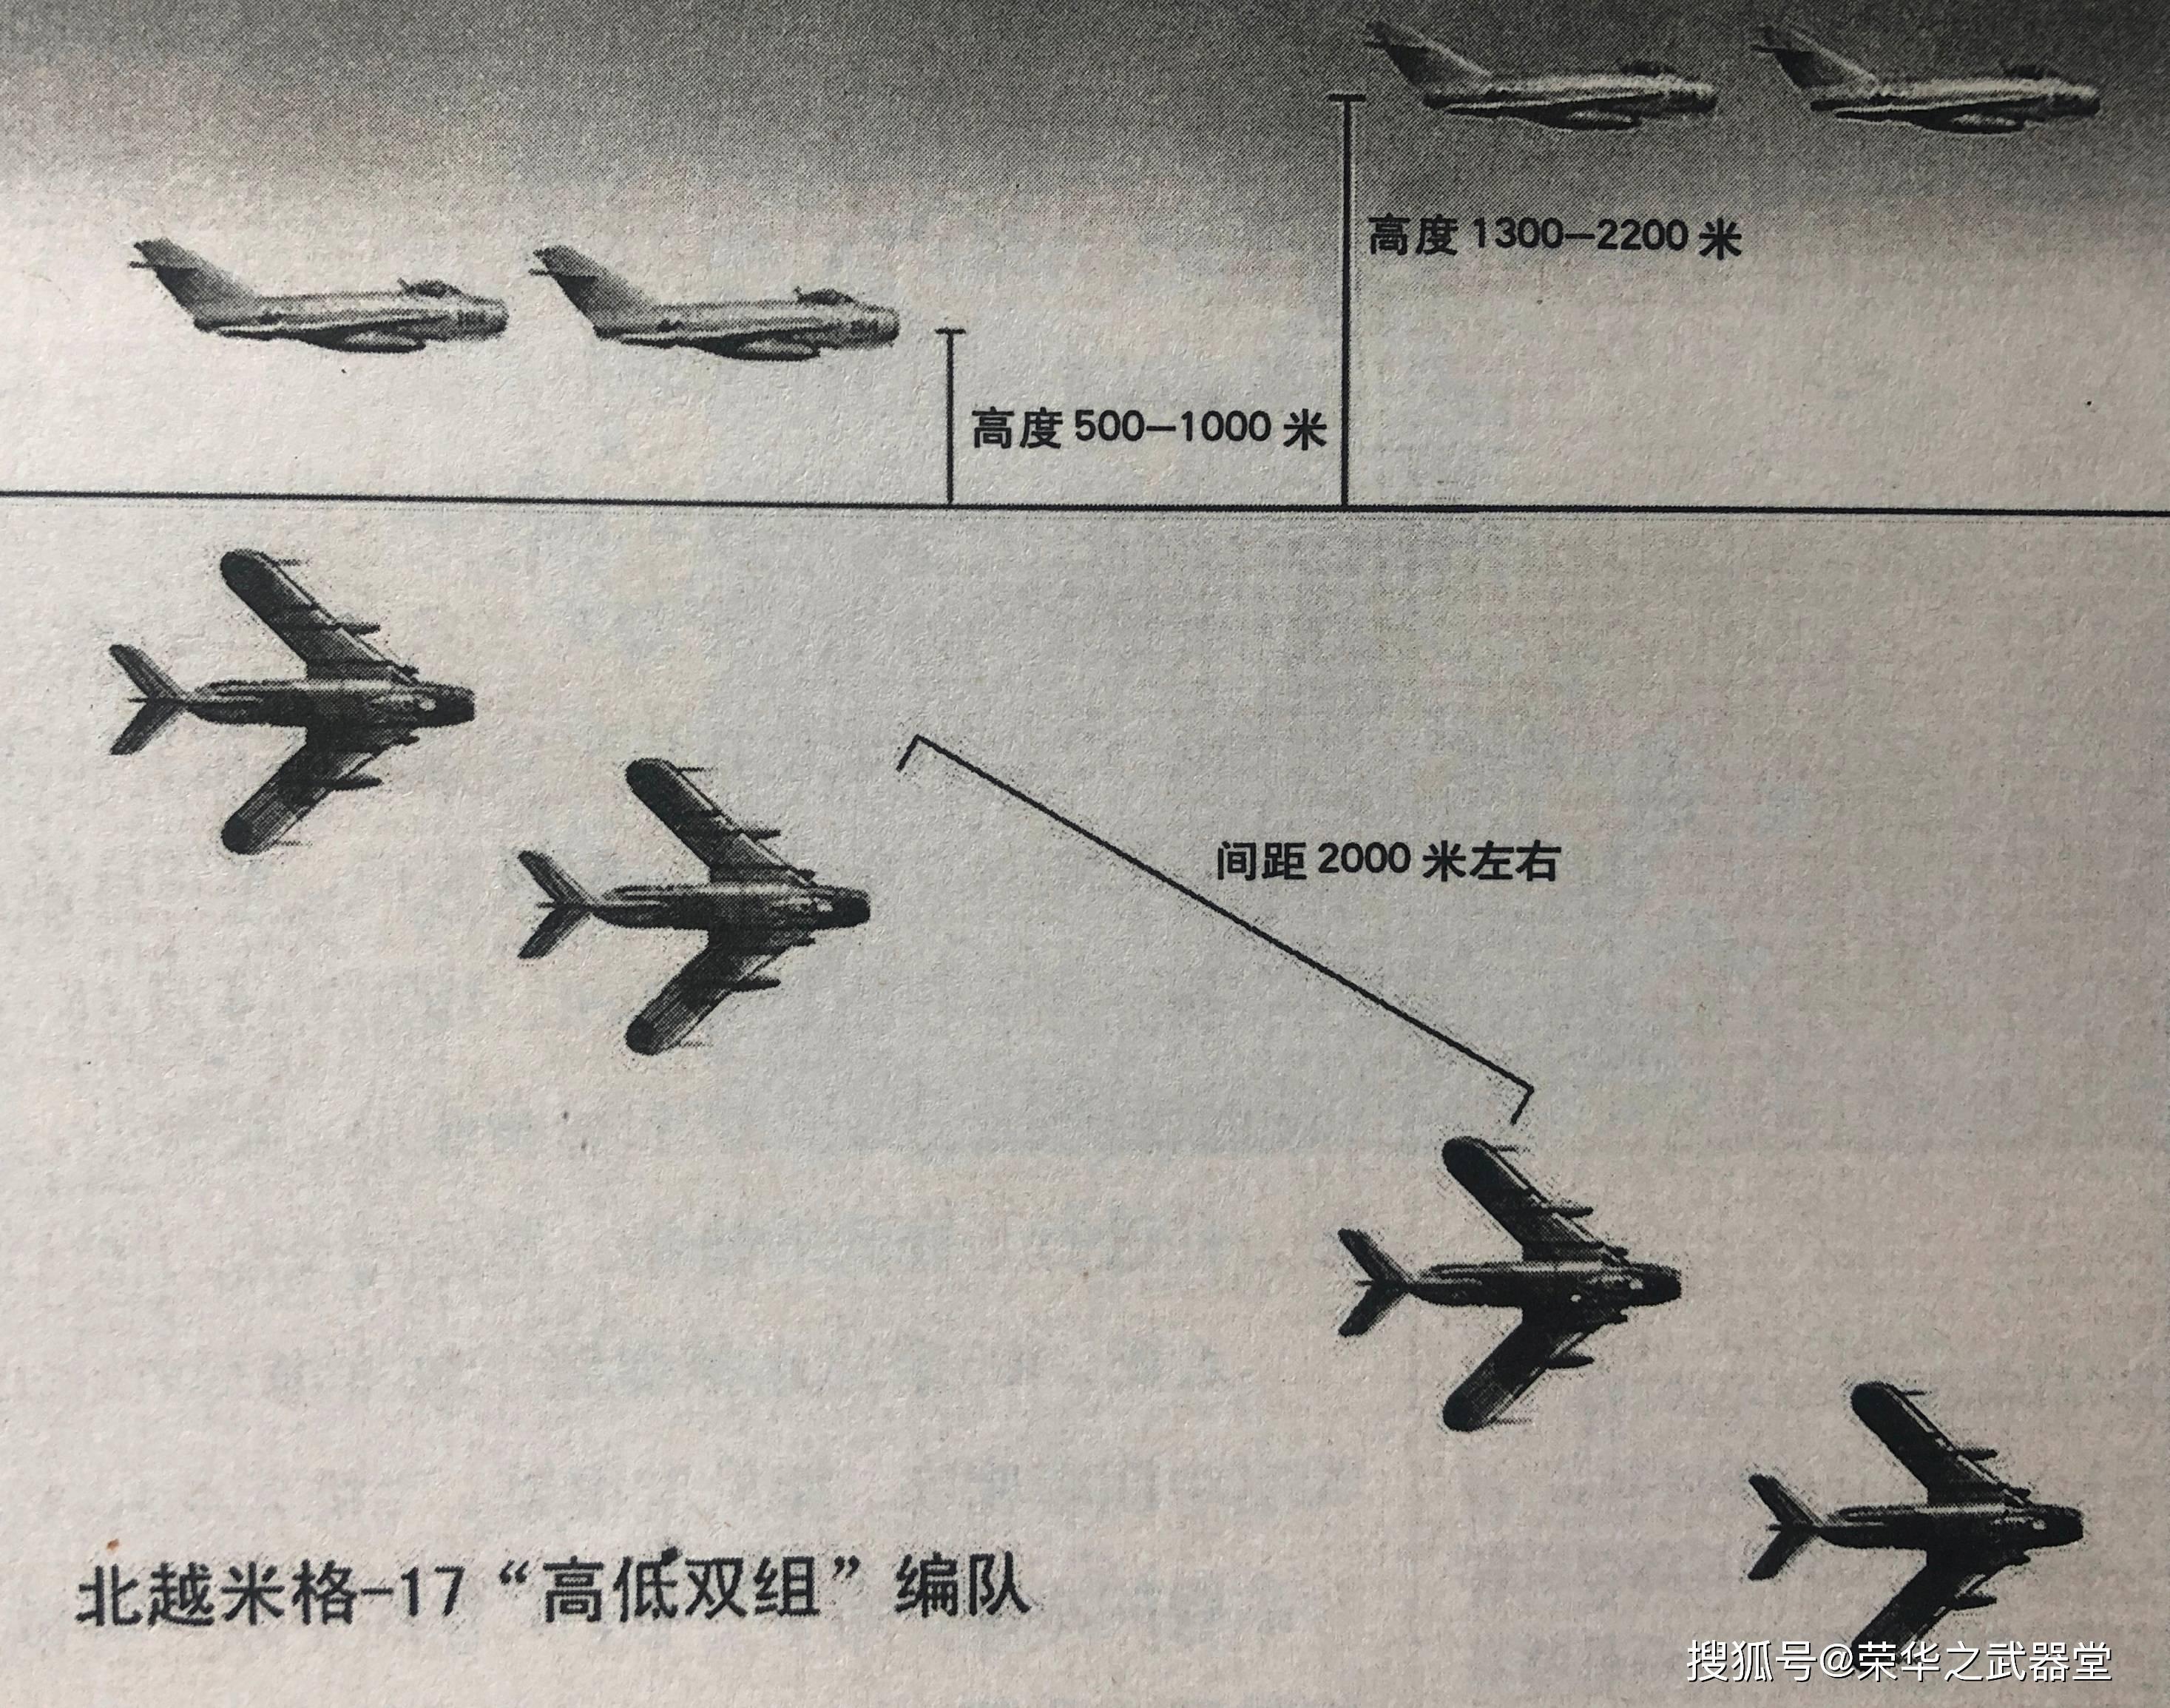 采用高低双组编队,掠袭战术得以应用,越军米格-17战斗机一再奏效